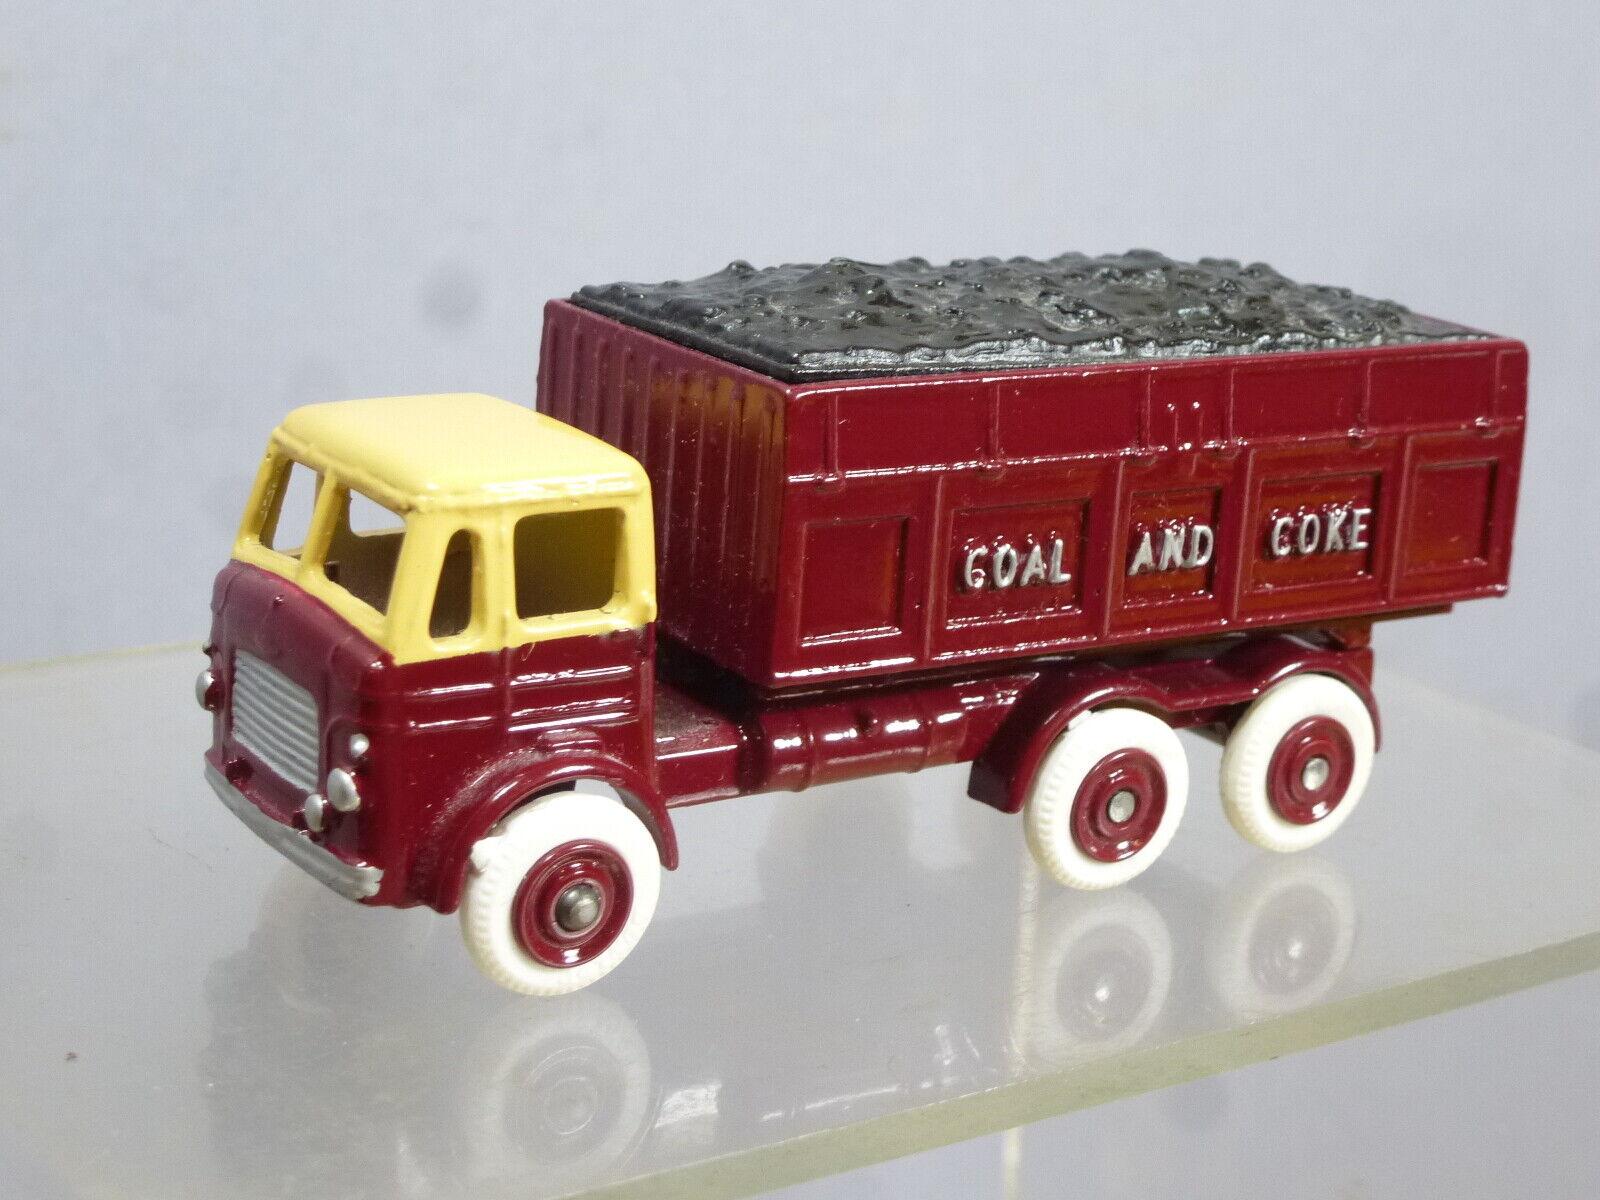 Budgie Juguetes Modelo No.206 Leyland Cochebón & Coca Cola Camión (terminada en Br librea)